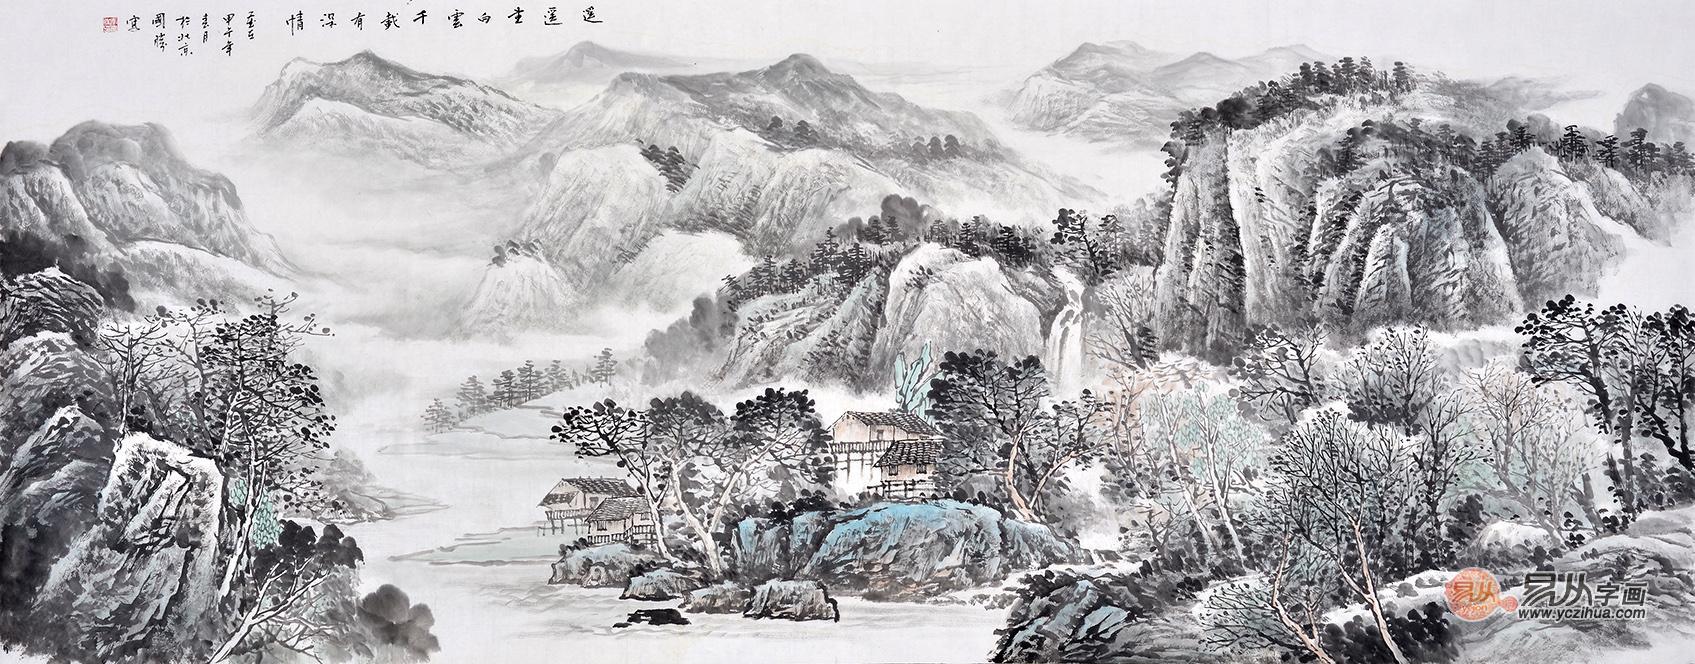 李国胜六尺横幅山水画作品《遥遥望白云》